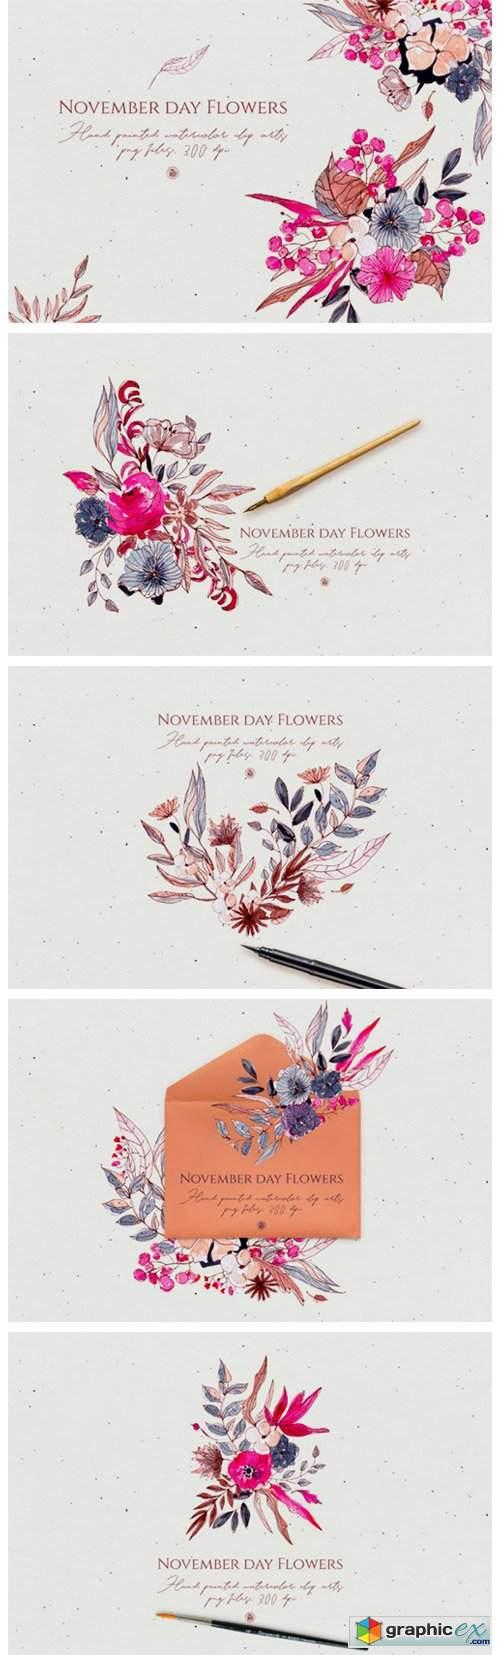 November Day Flowers